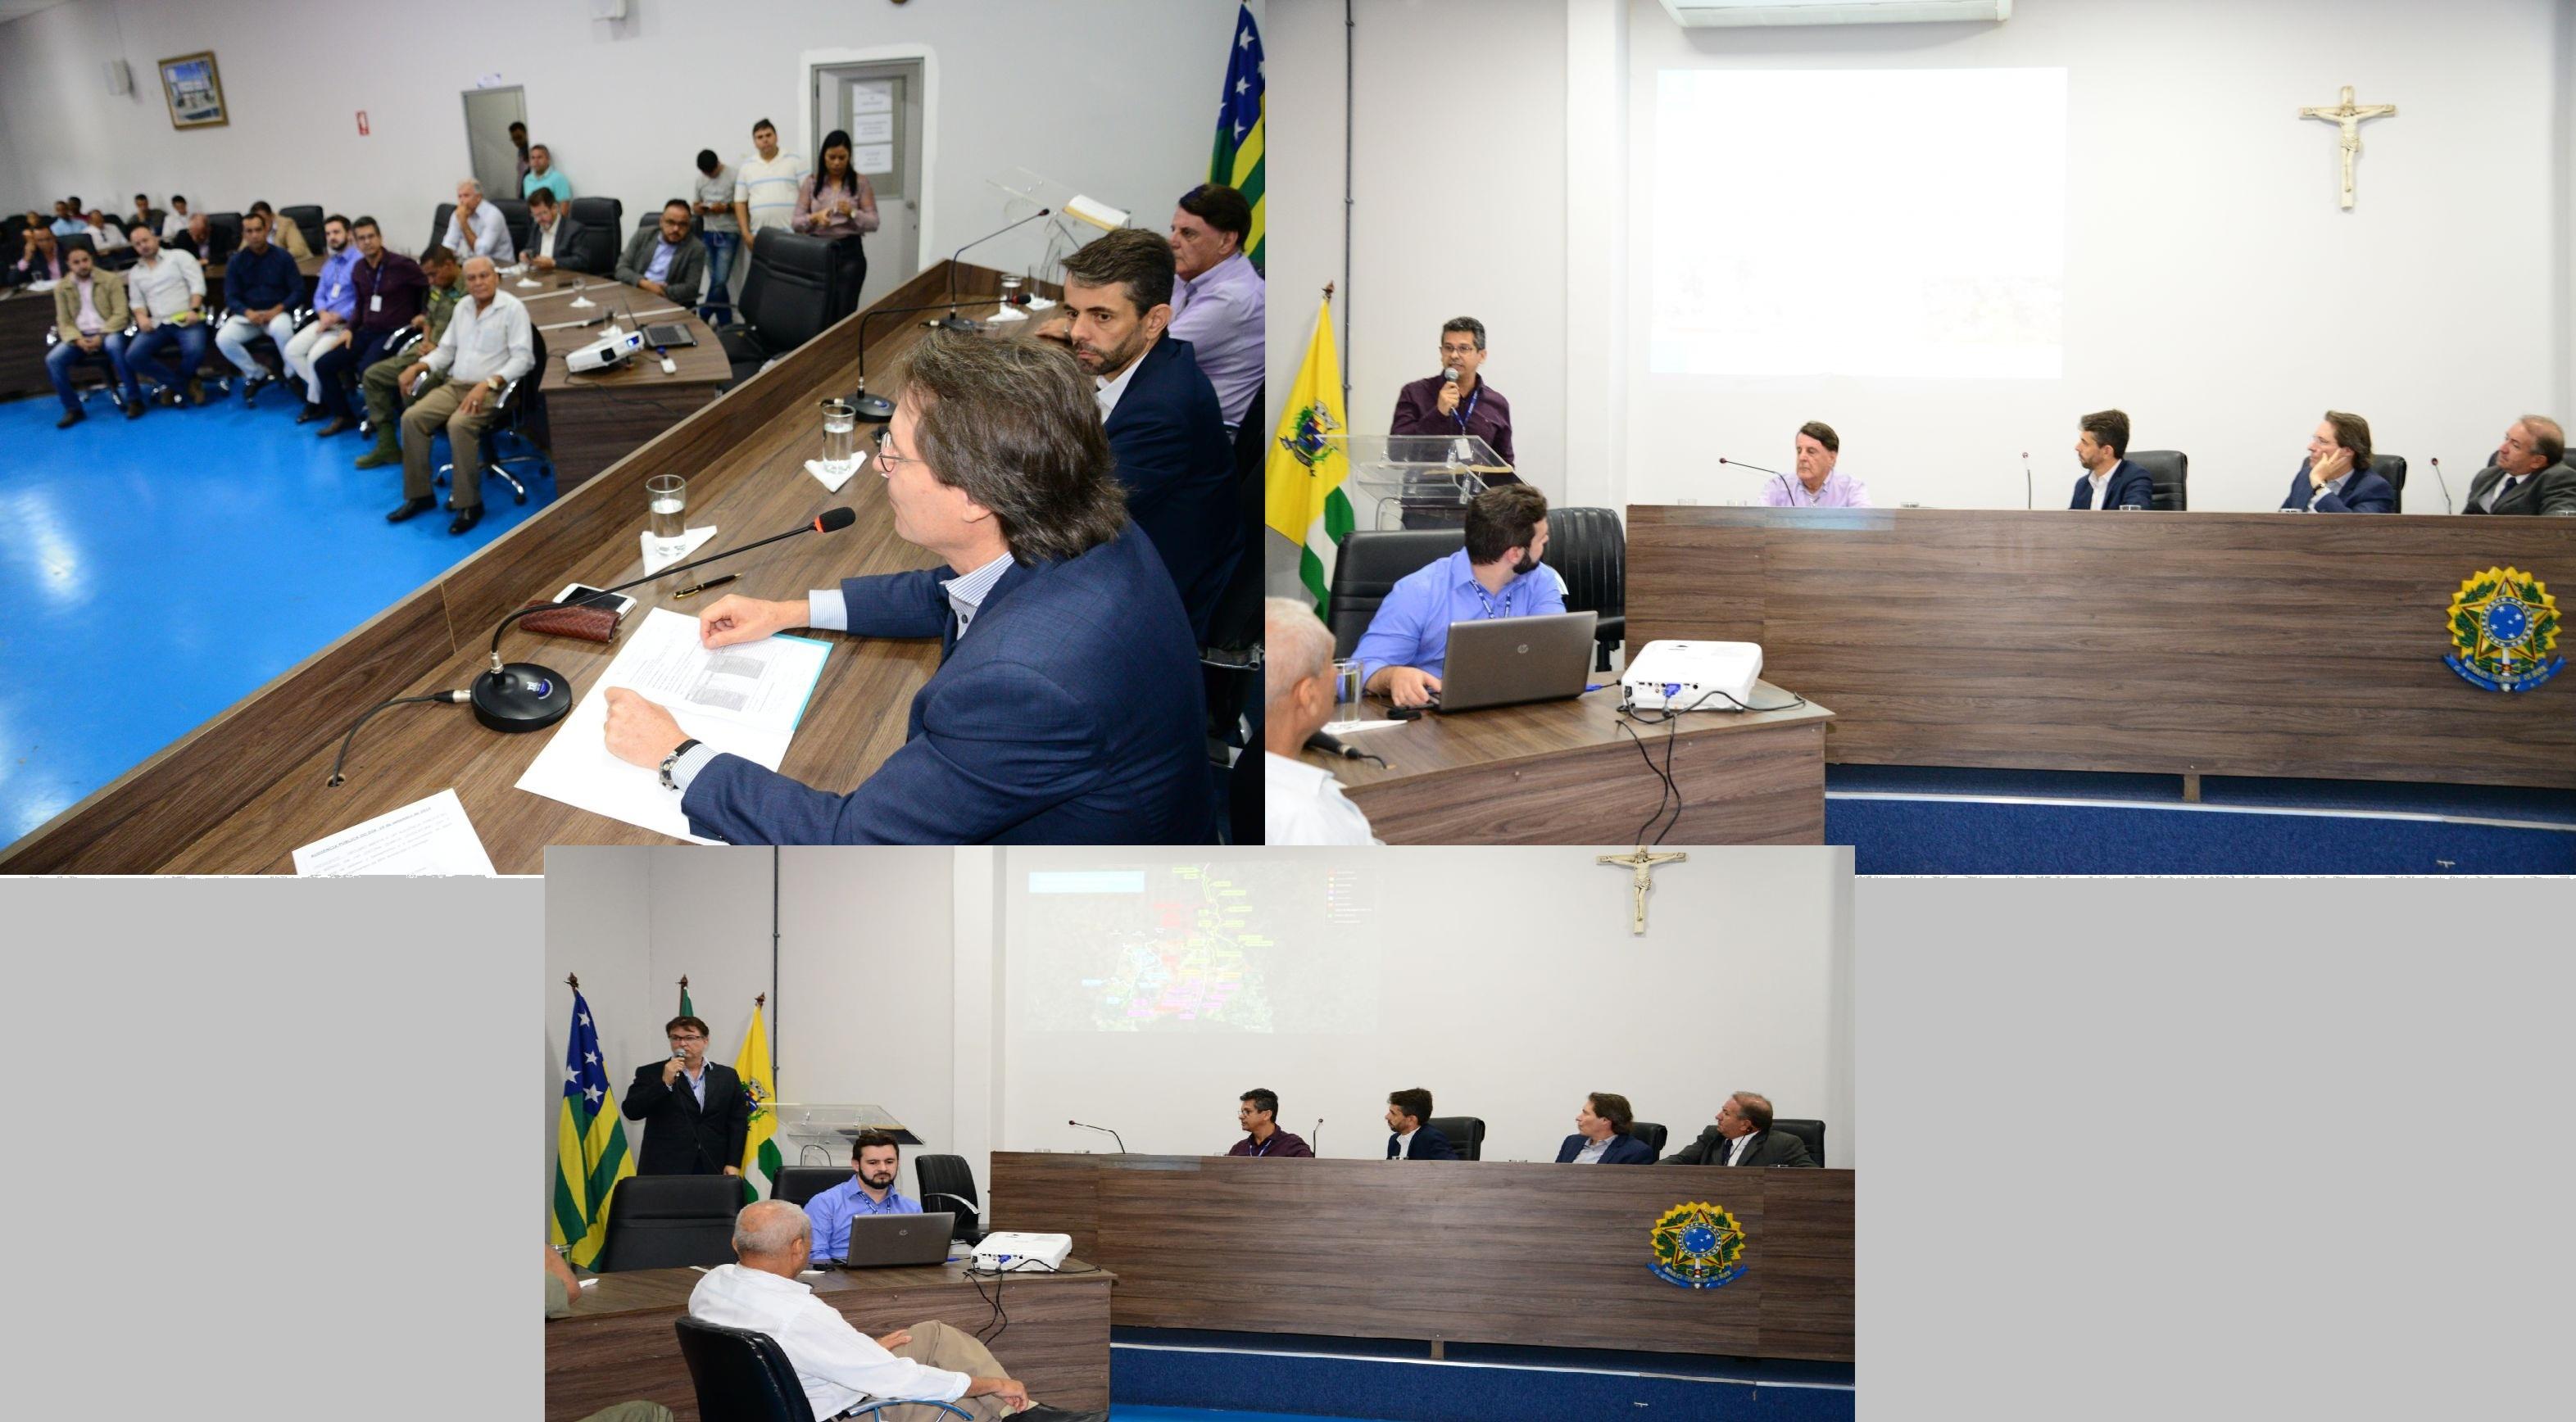 Vereadores sabatinam BRK e Saneago sobre problemas de abastecimento em Aparecida de Goiânia